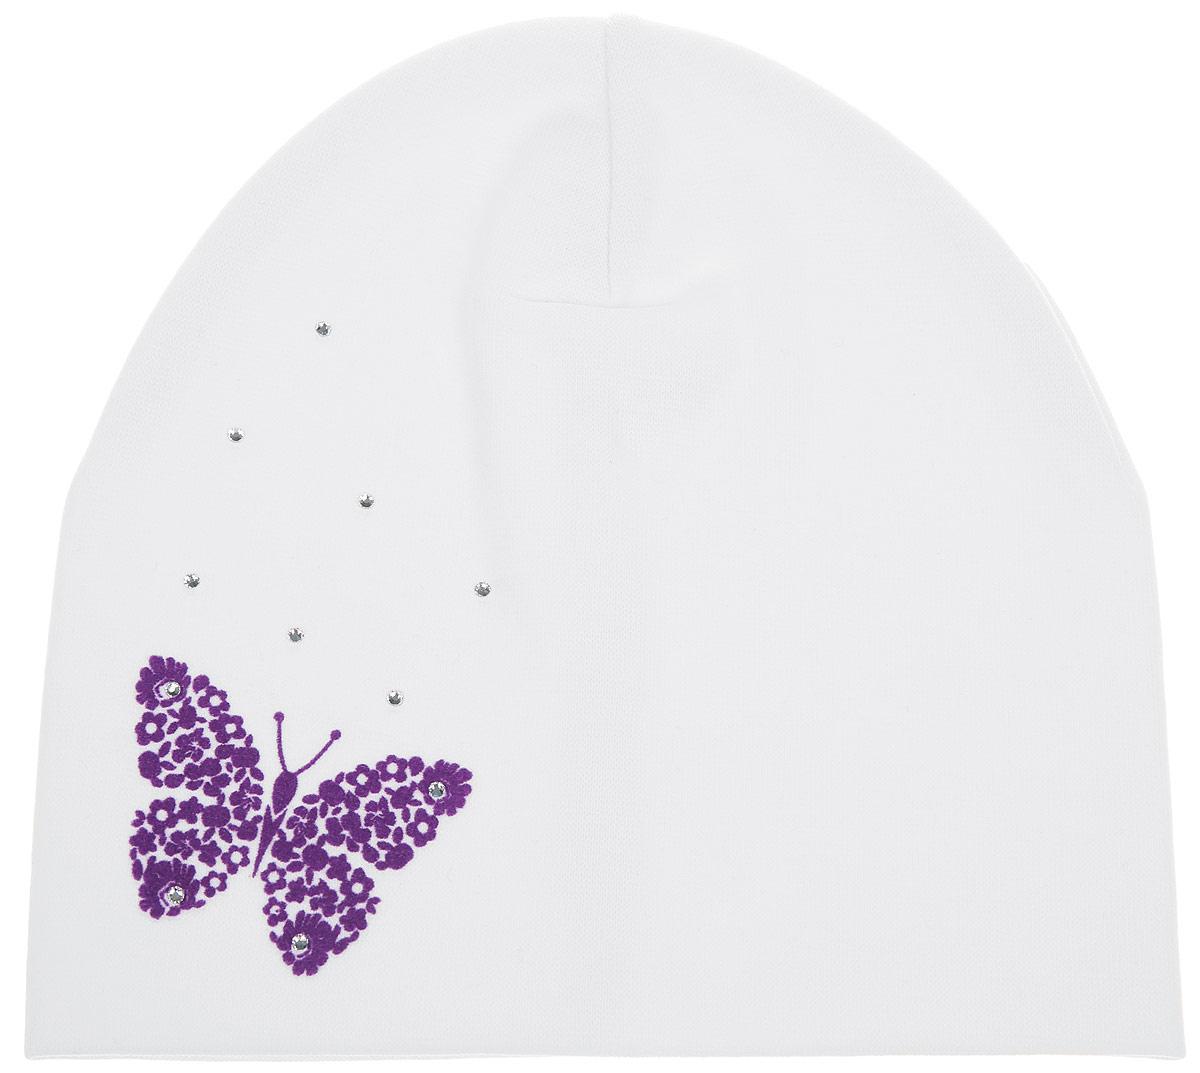 DC3730-22_1Шапка для девочки ПриКиндер станет стильным дополнением к детскому гардеробу. Она выполнена из хлопка с добавлением лайкры, приятная на ощупь, идеально прилегает к голове. Изделие декорировано стразами и аппликацией в виде бабочки. Современный дизайн и расцветка делают эту шапку модным детским аксессуаром. В такой шапке ребенок будет чувствовать себя уютно, комфортно и всегда будет в центре внимания!